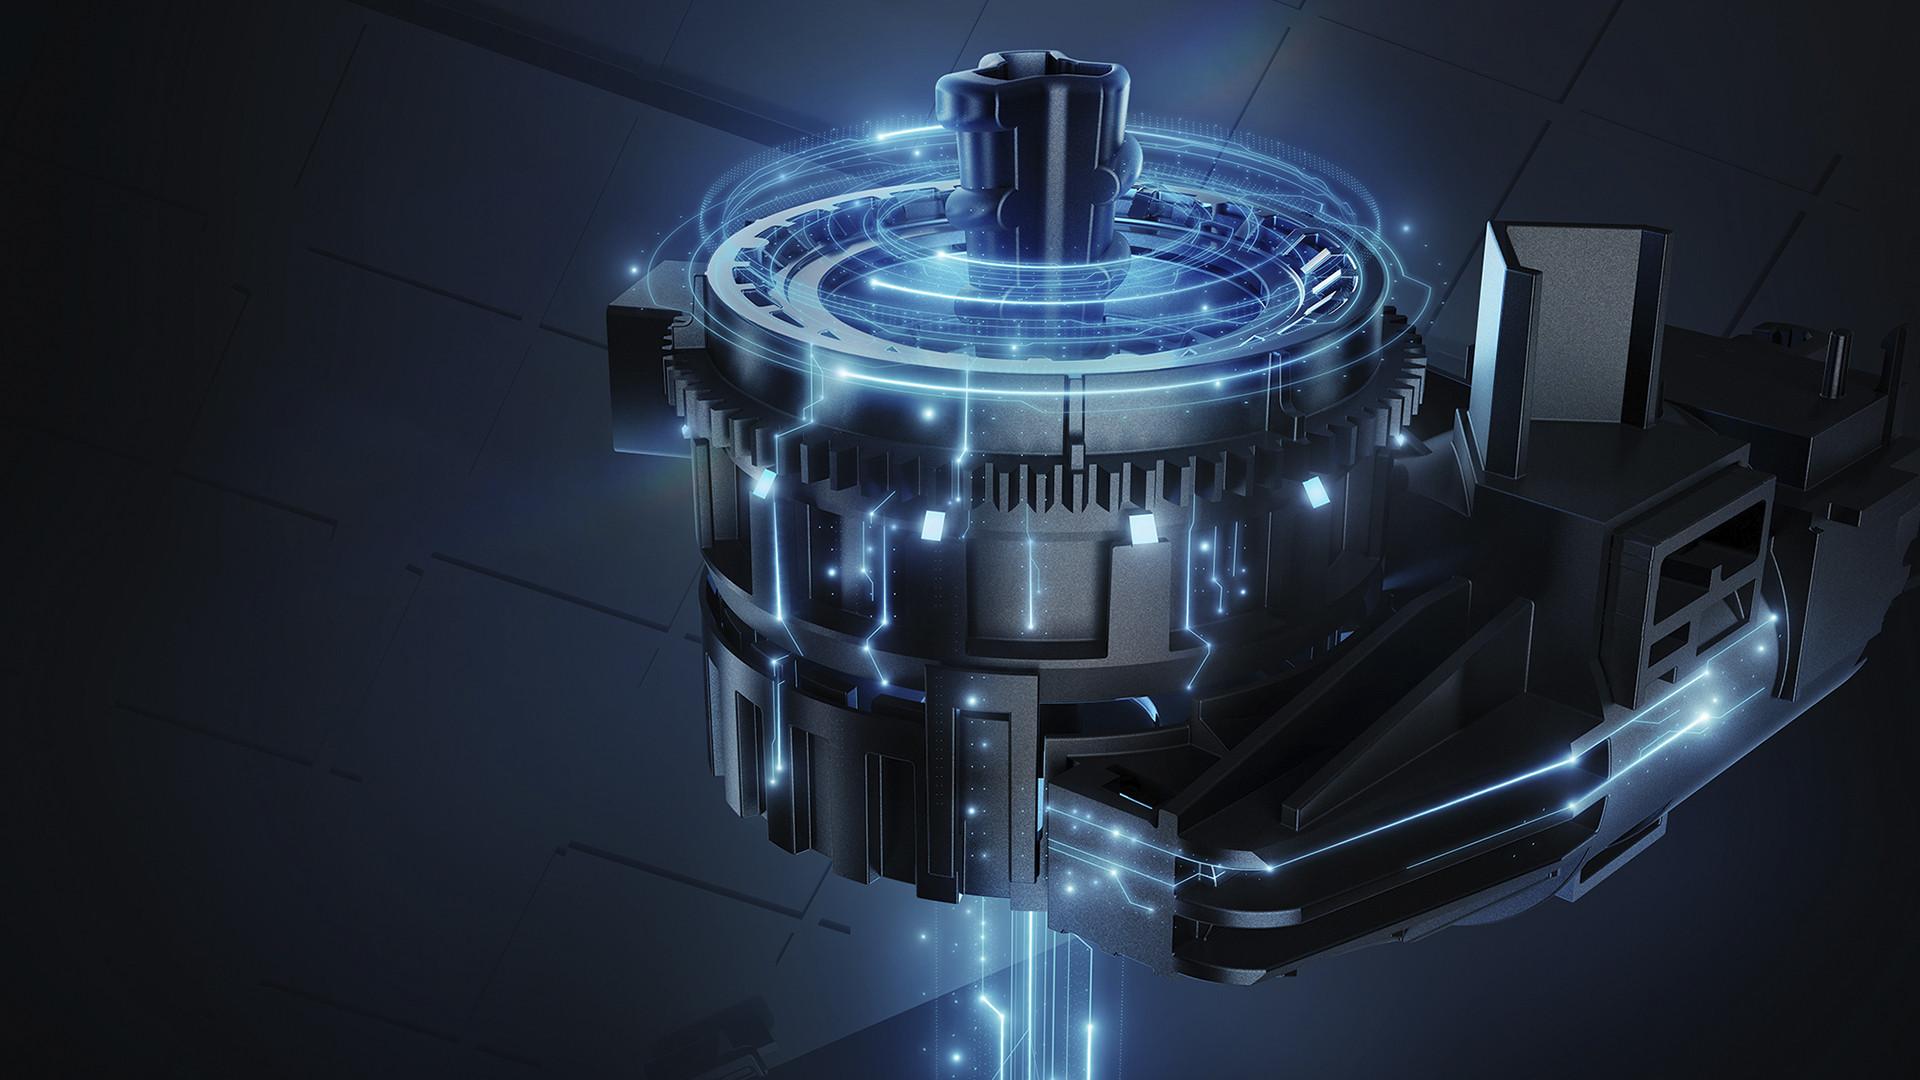 Siemens iAroma system